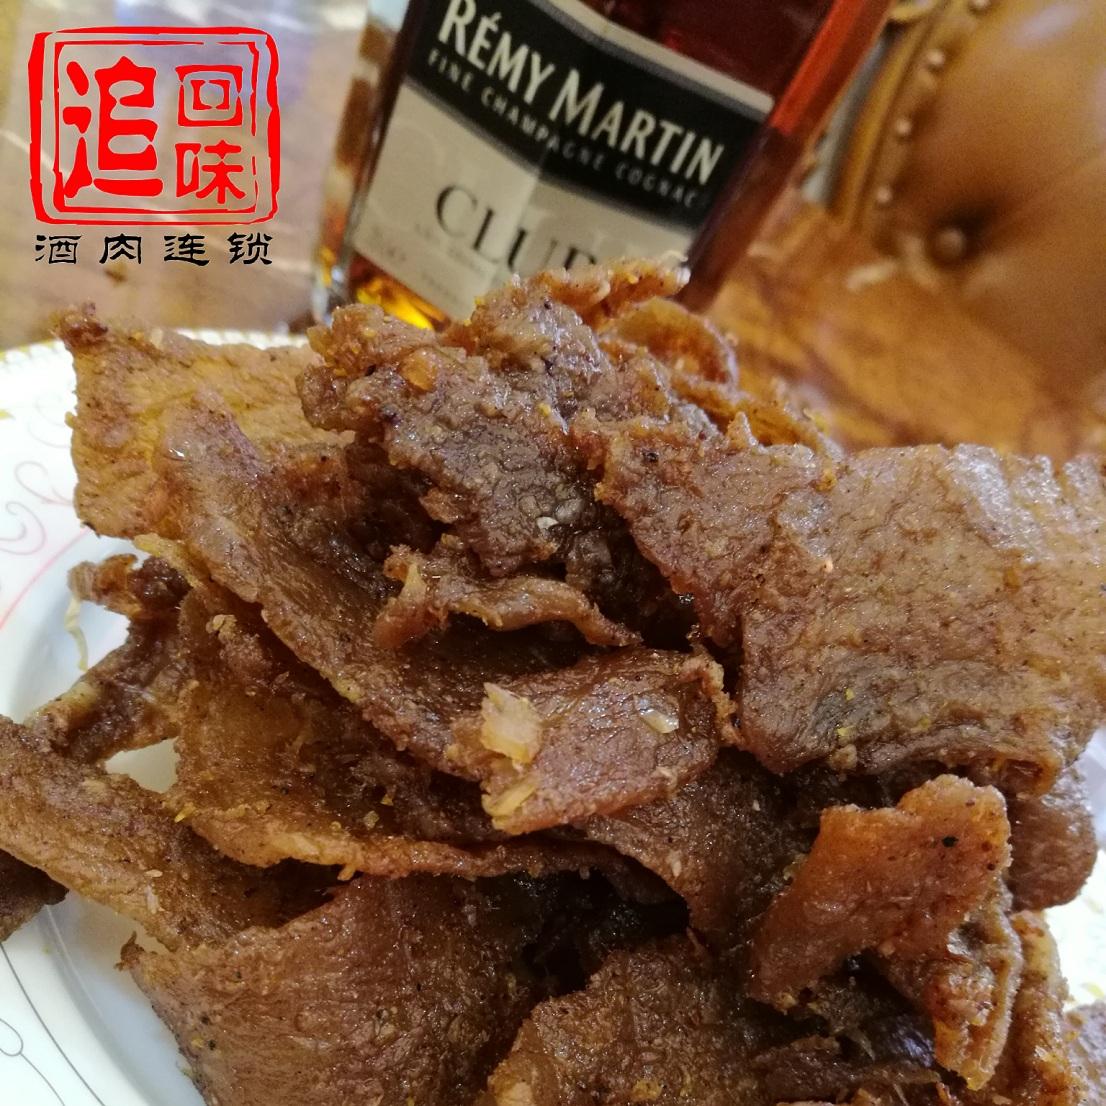 追回味网红休闲零食潮汕特产公平猪肉脯肉松野牛即食肉干烈日兴晒